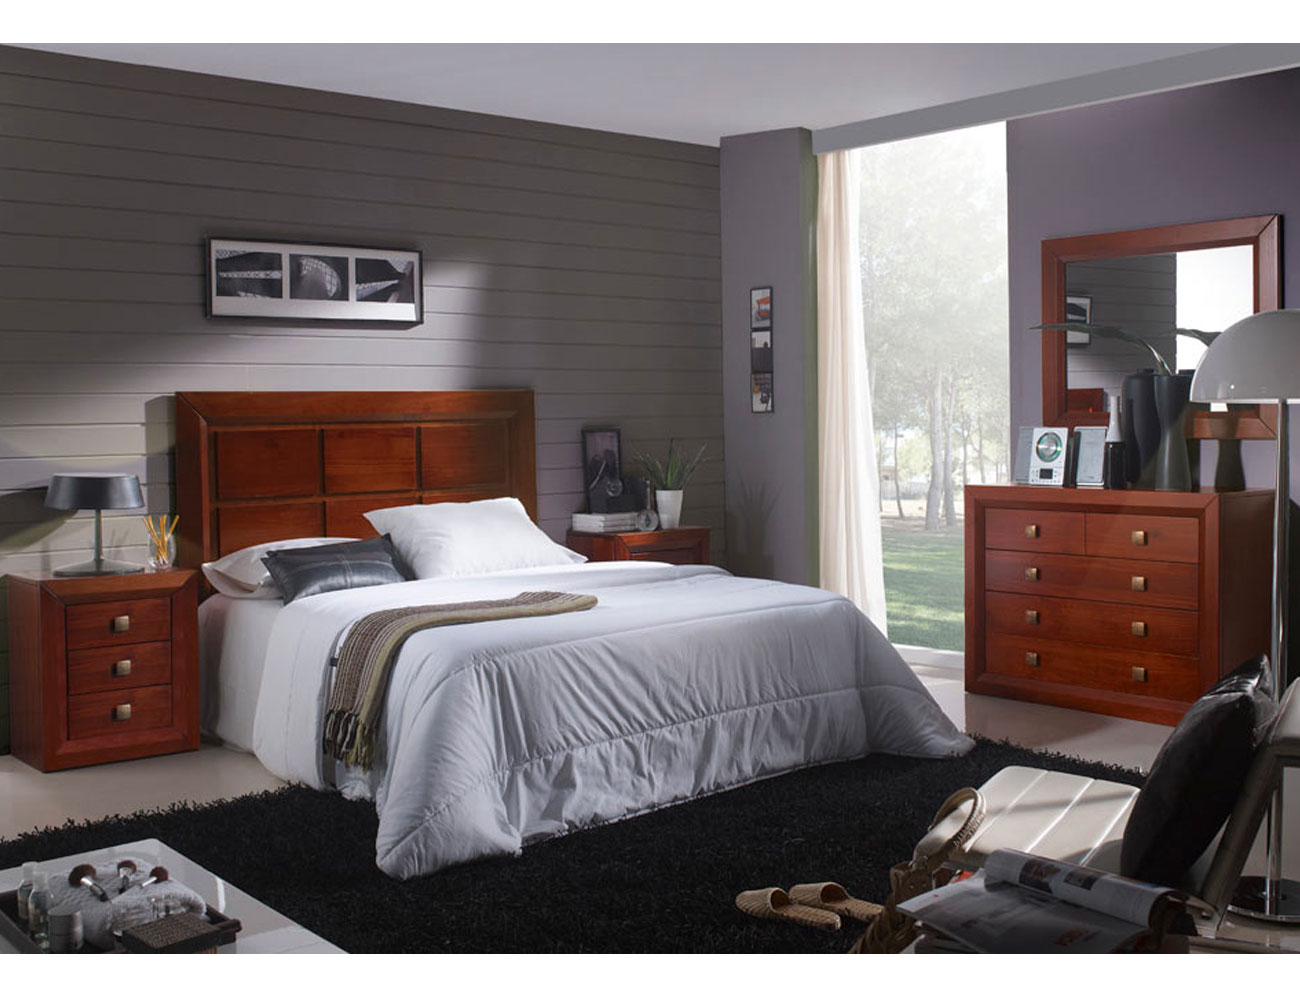 Dormitorio matrimonio comoda 5c nogal madera dm